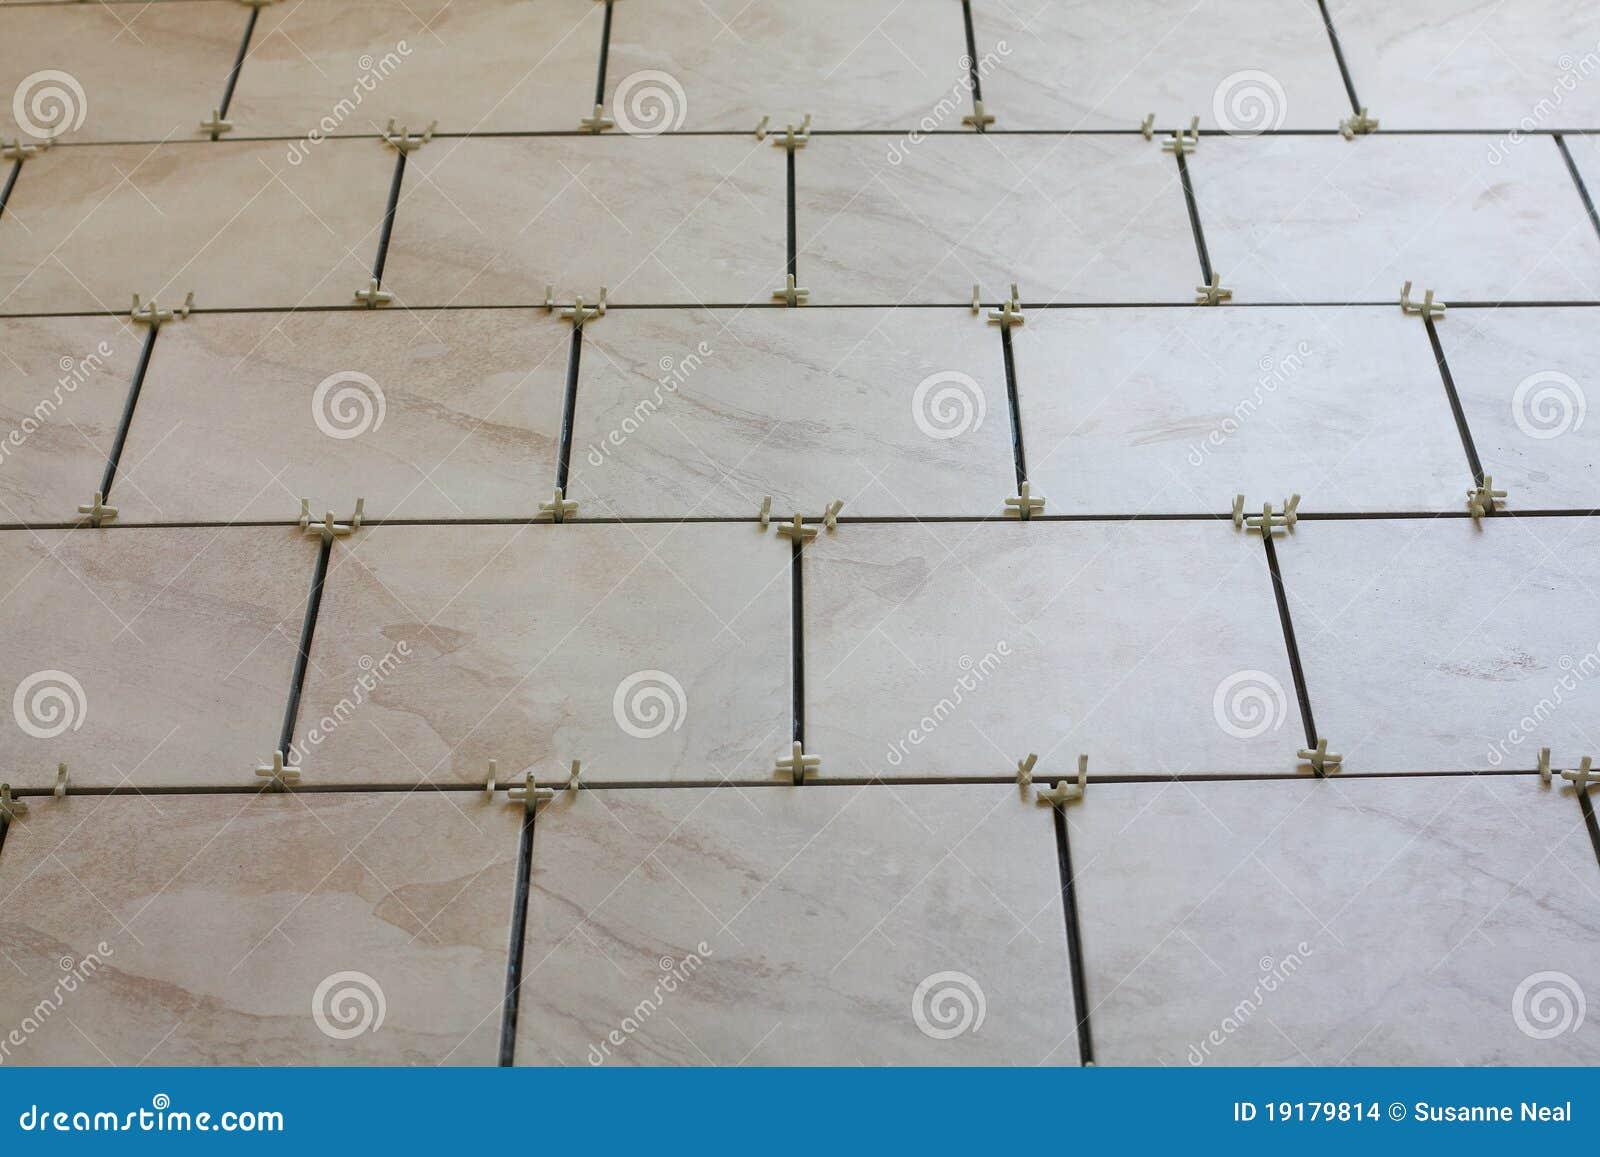 Ceramic Floor Tile Ceramic Floor Tile Spacers